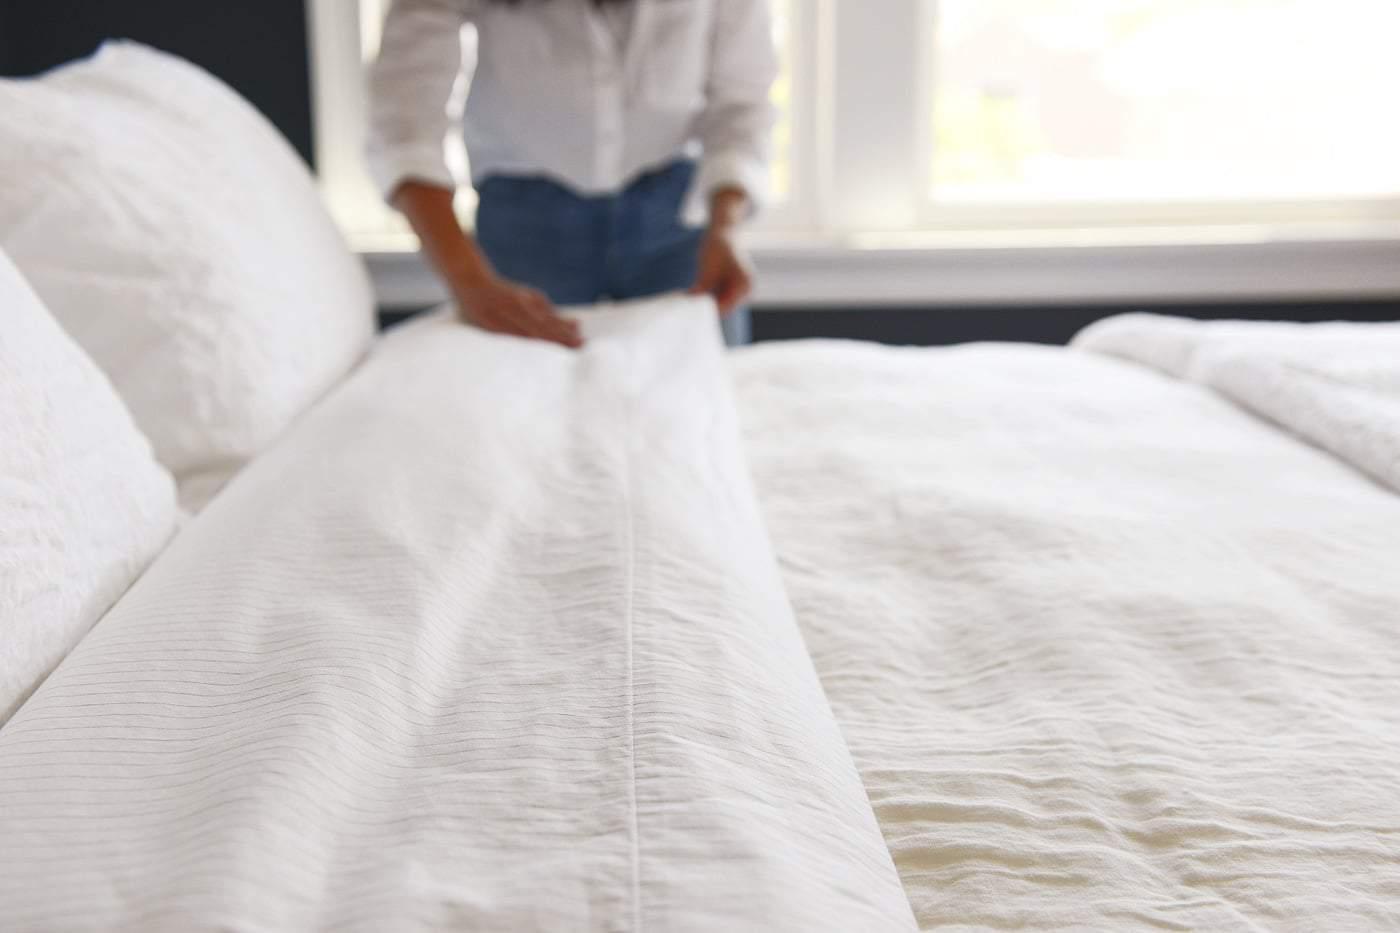 Manfaat Merapikan Tempat Tidur